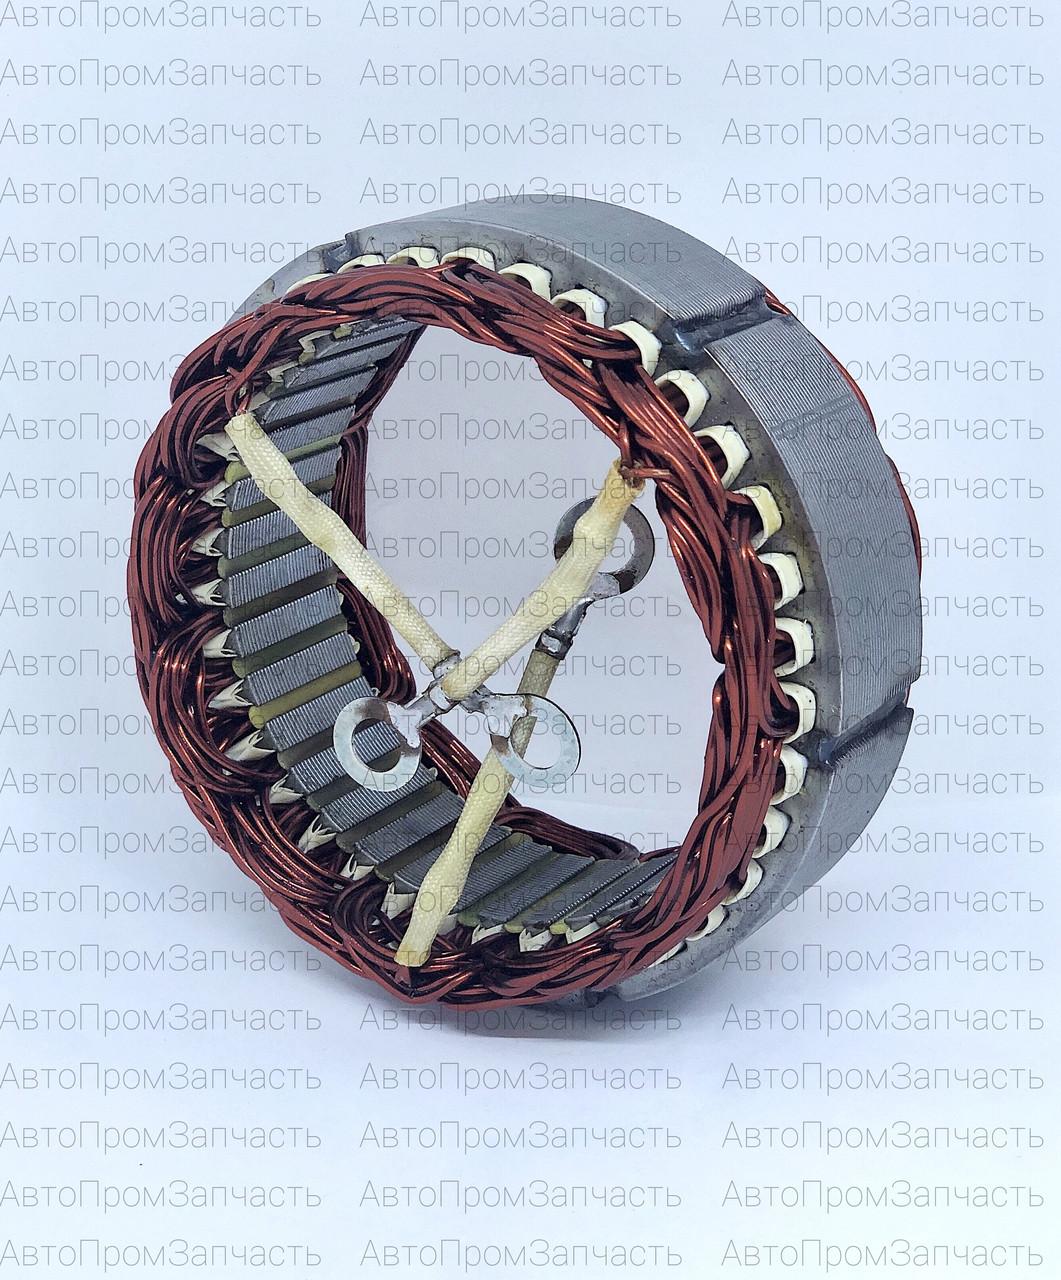 Обмотка генератора (статор) ВАЗ 2110, 2111, 2112 (3 провода) КЗАТЭ